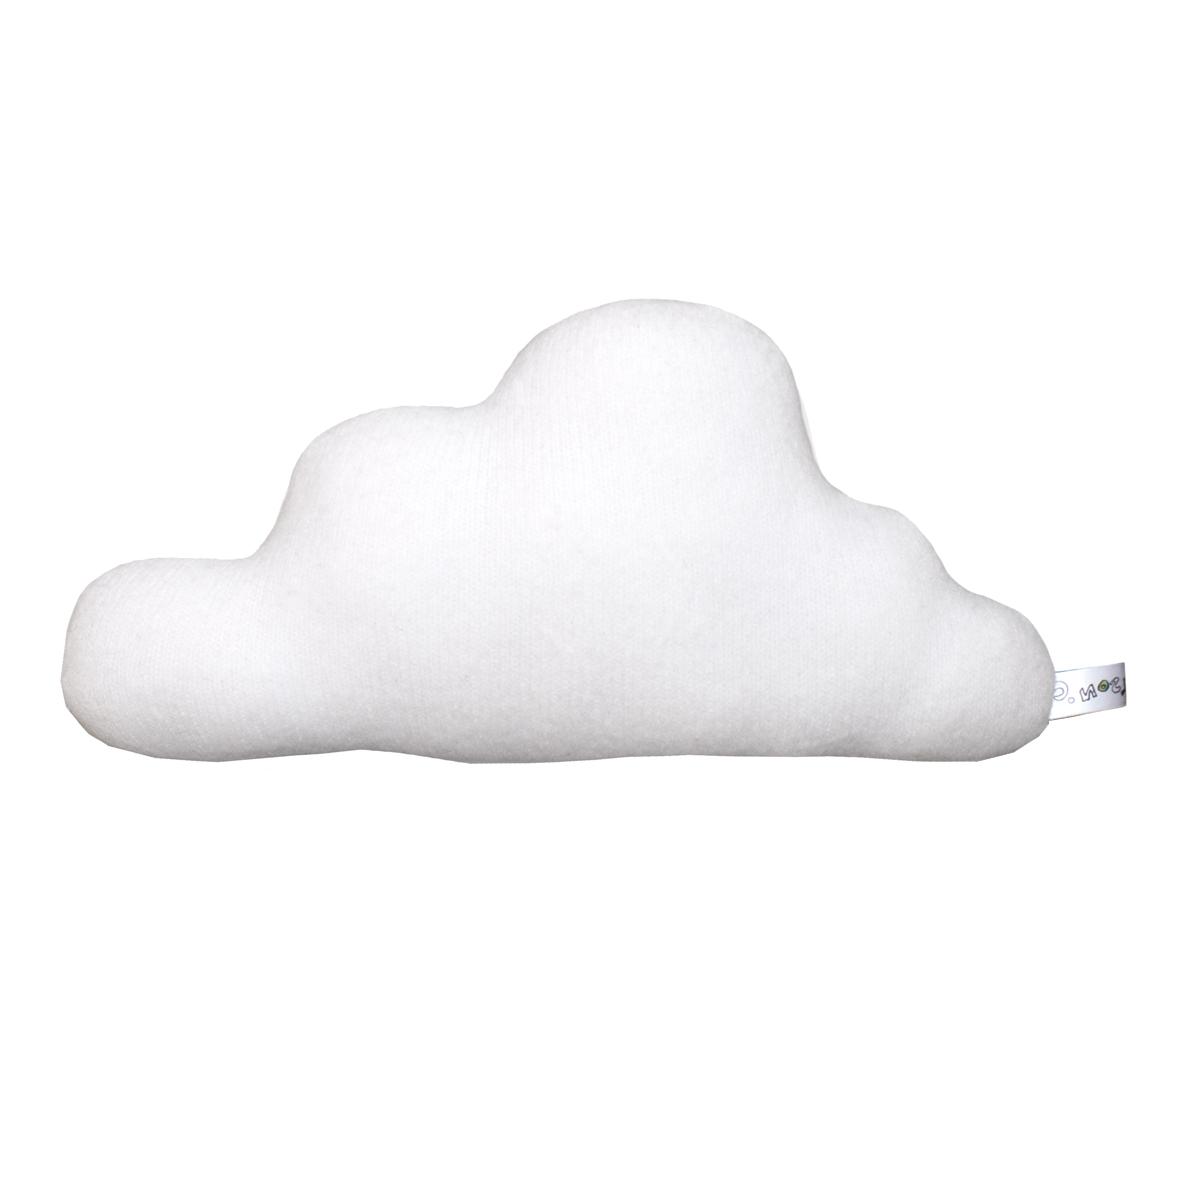 Coussin nuage s blanc donna wilson pour chambre enfant les enfants du design - Les enfants du design ...